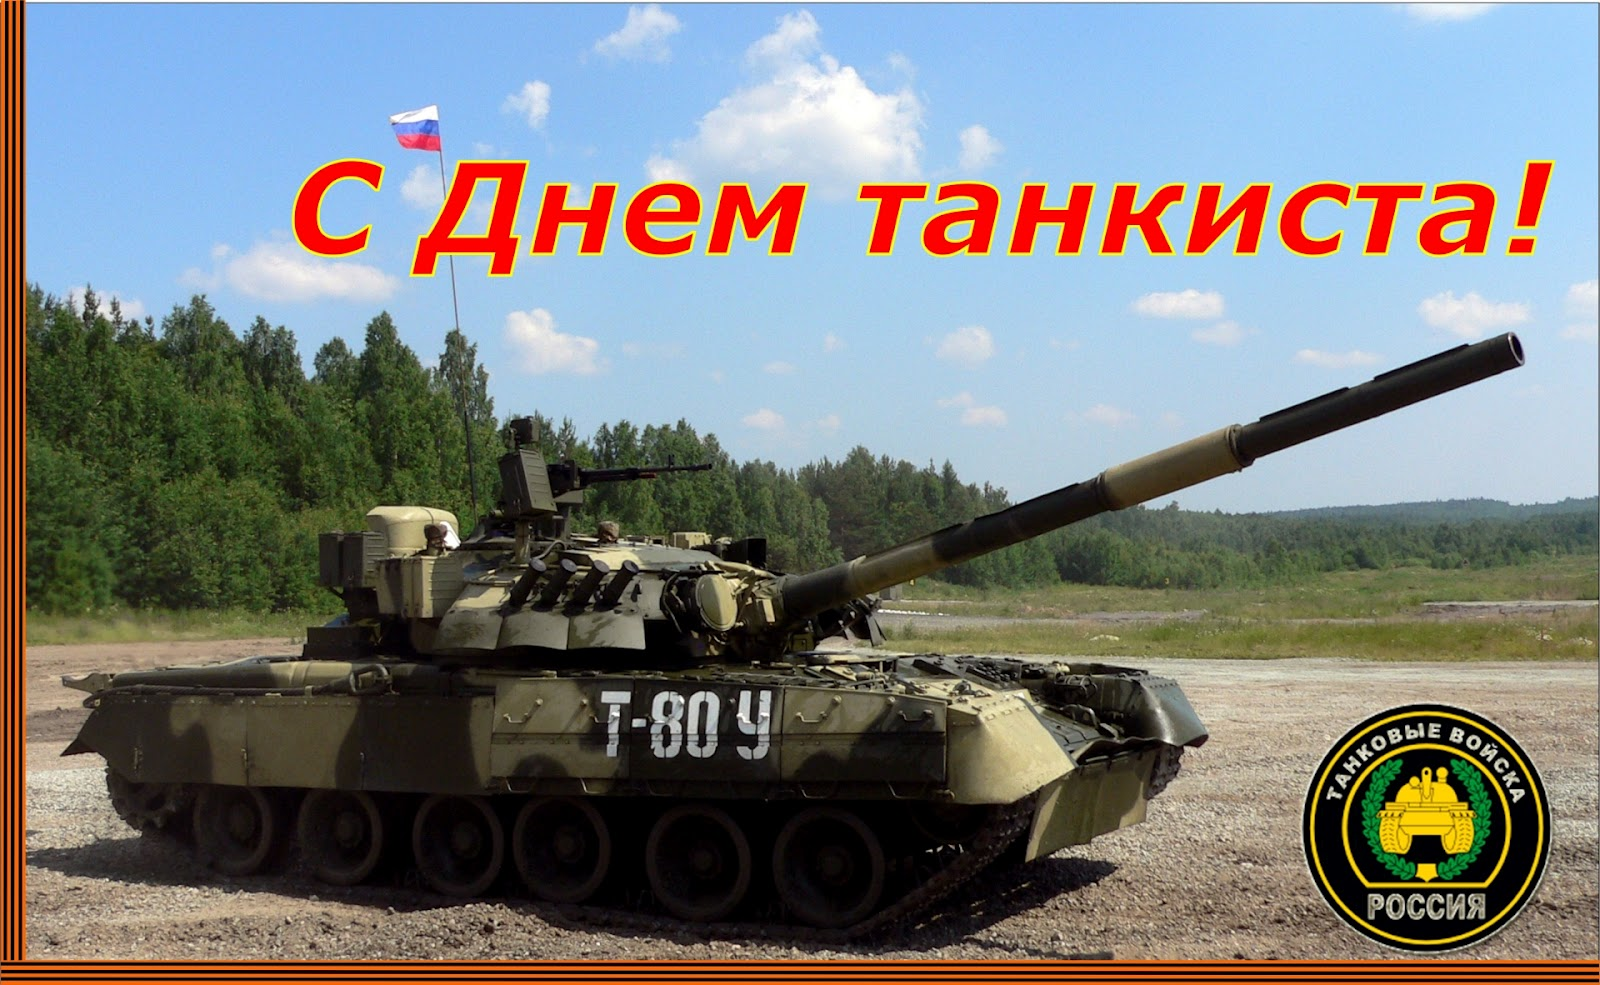 цветы день танкиста поздравления прикольные картинки считаются